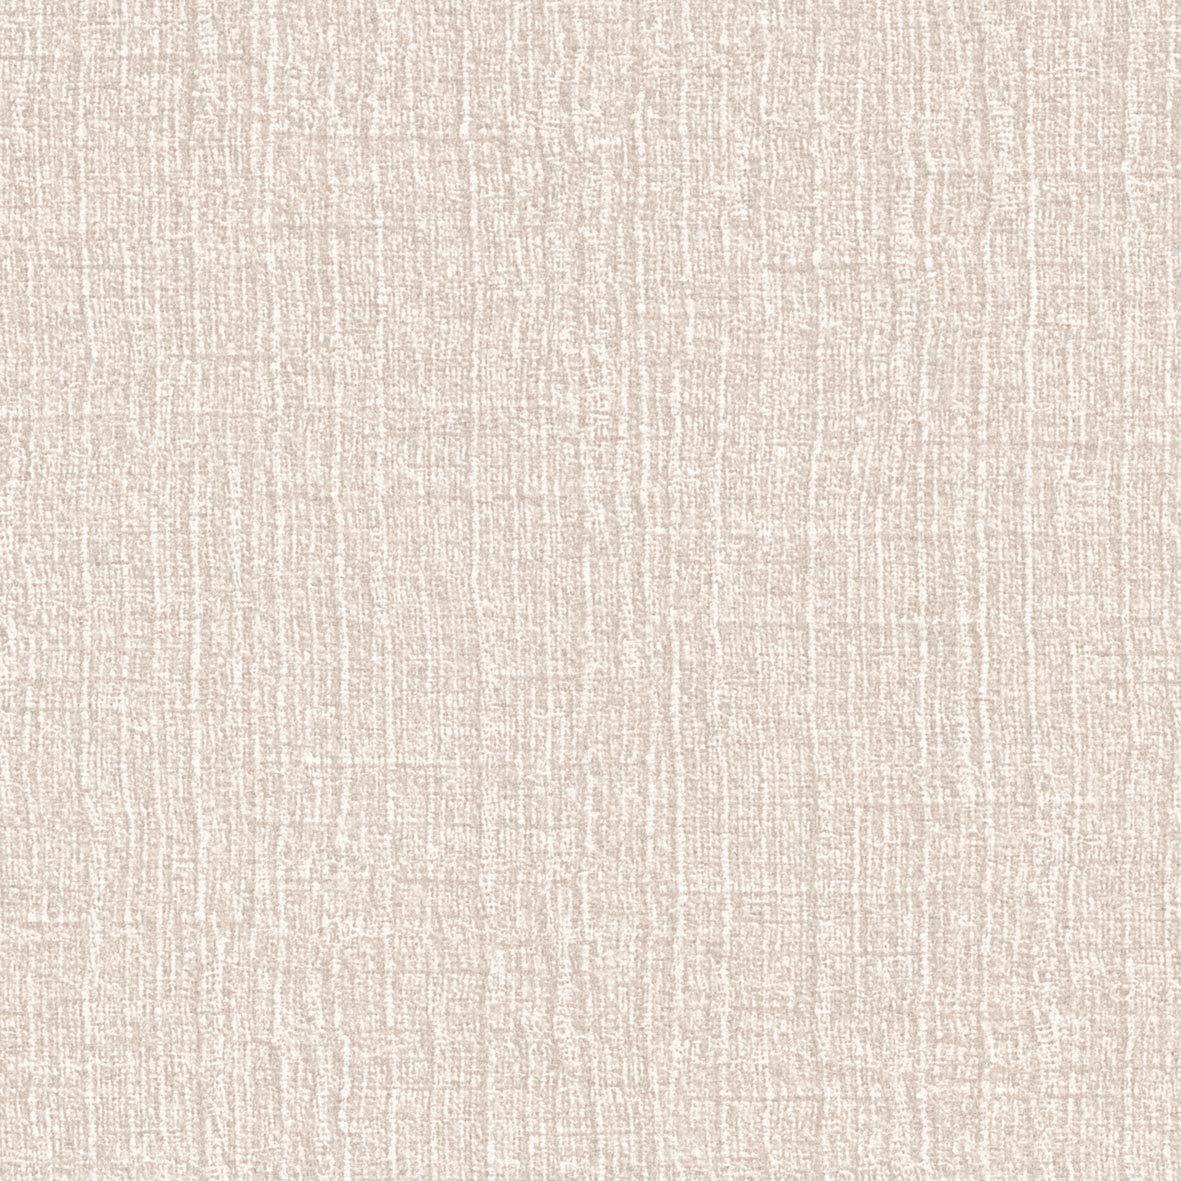 リリカラ 壁紙48m モダン 和紙調 ホワイト 撥水トップコートComfort Selection-消臭- LW-2063 B076116DSK 48m|ホワイト